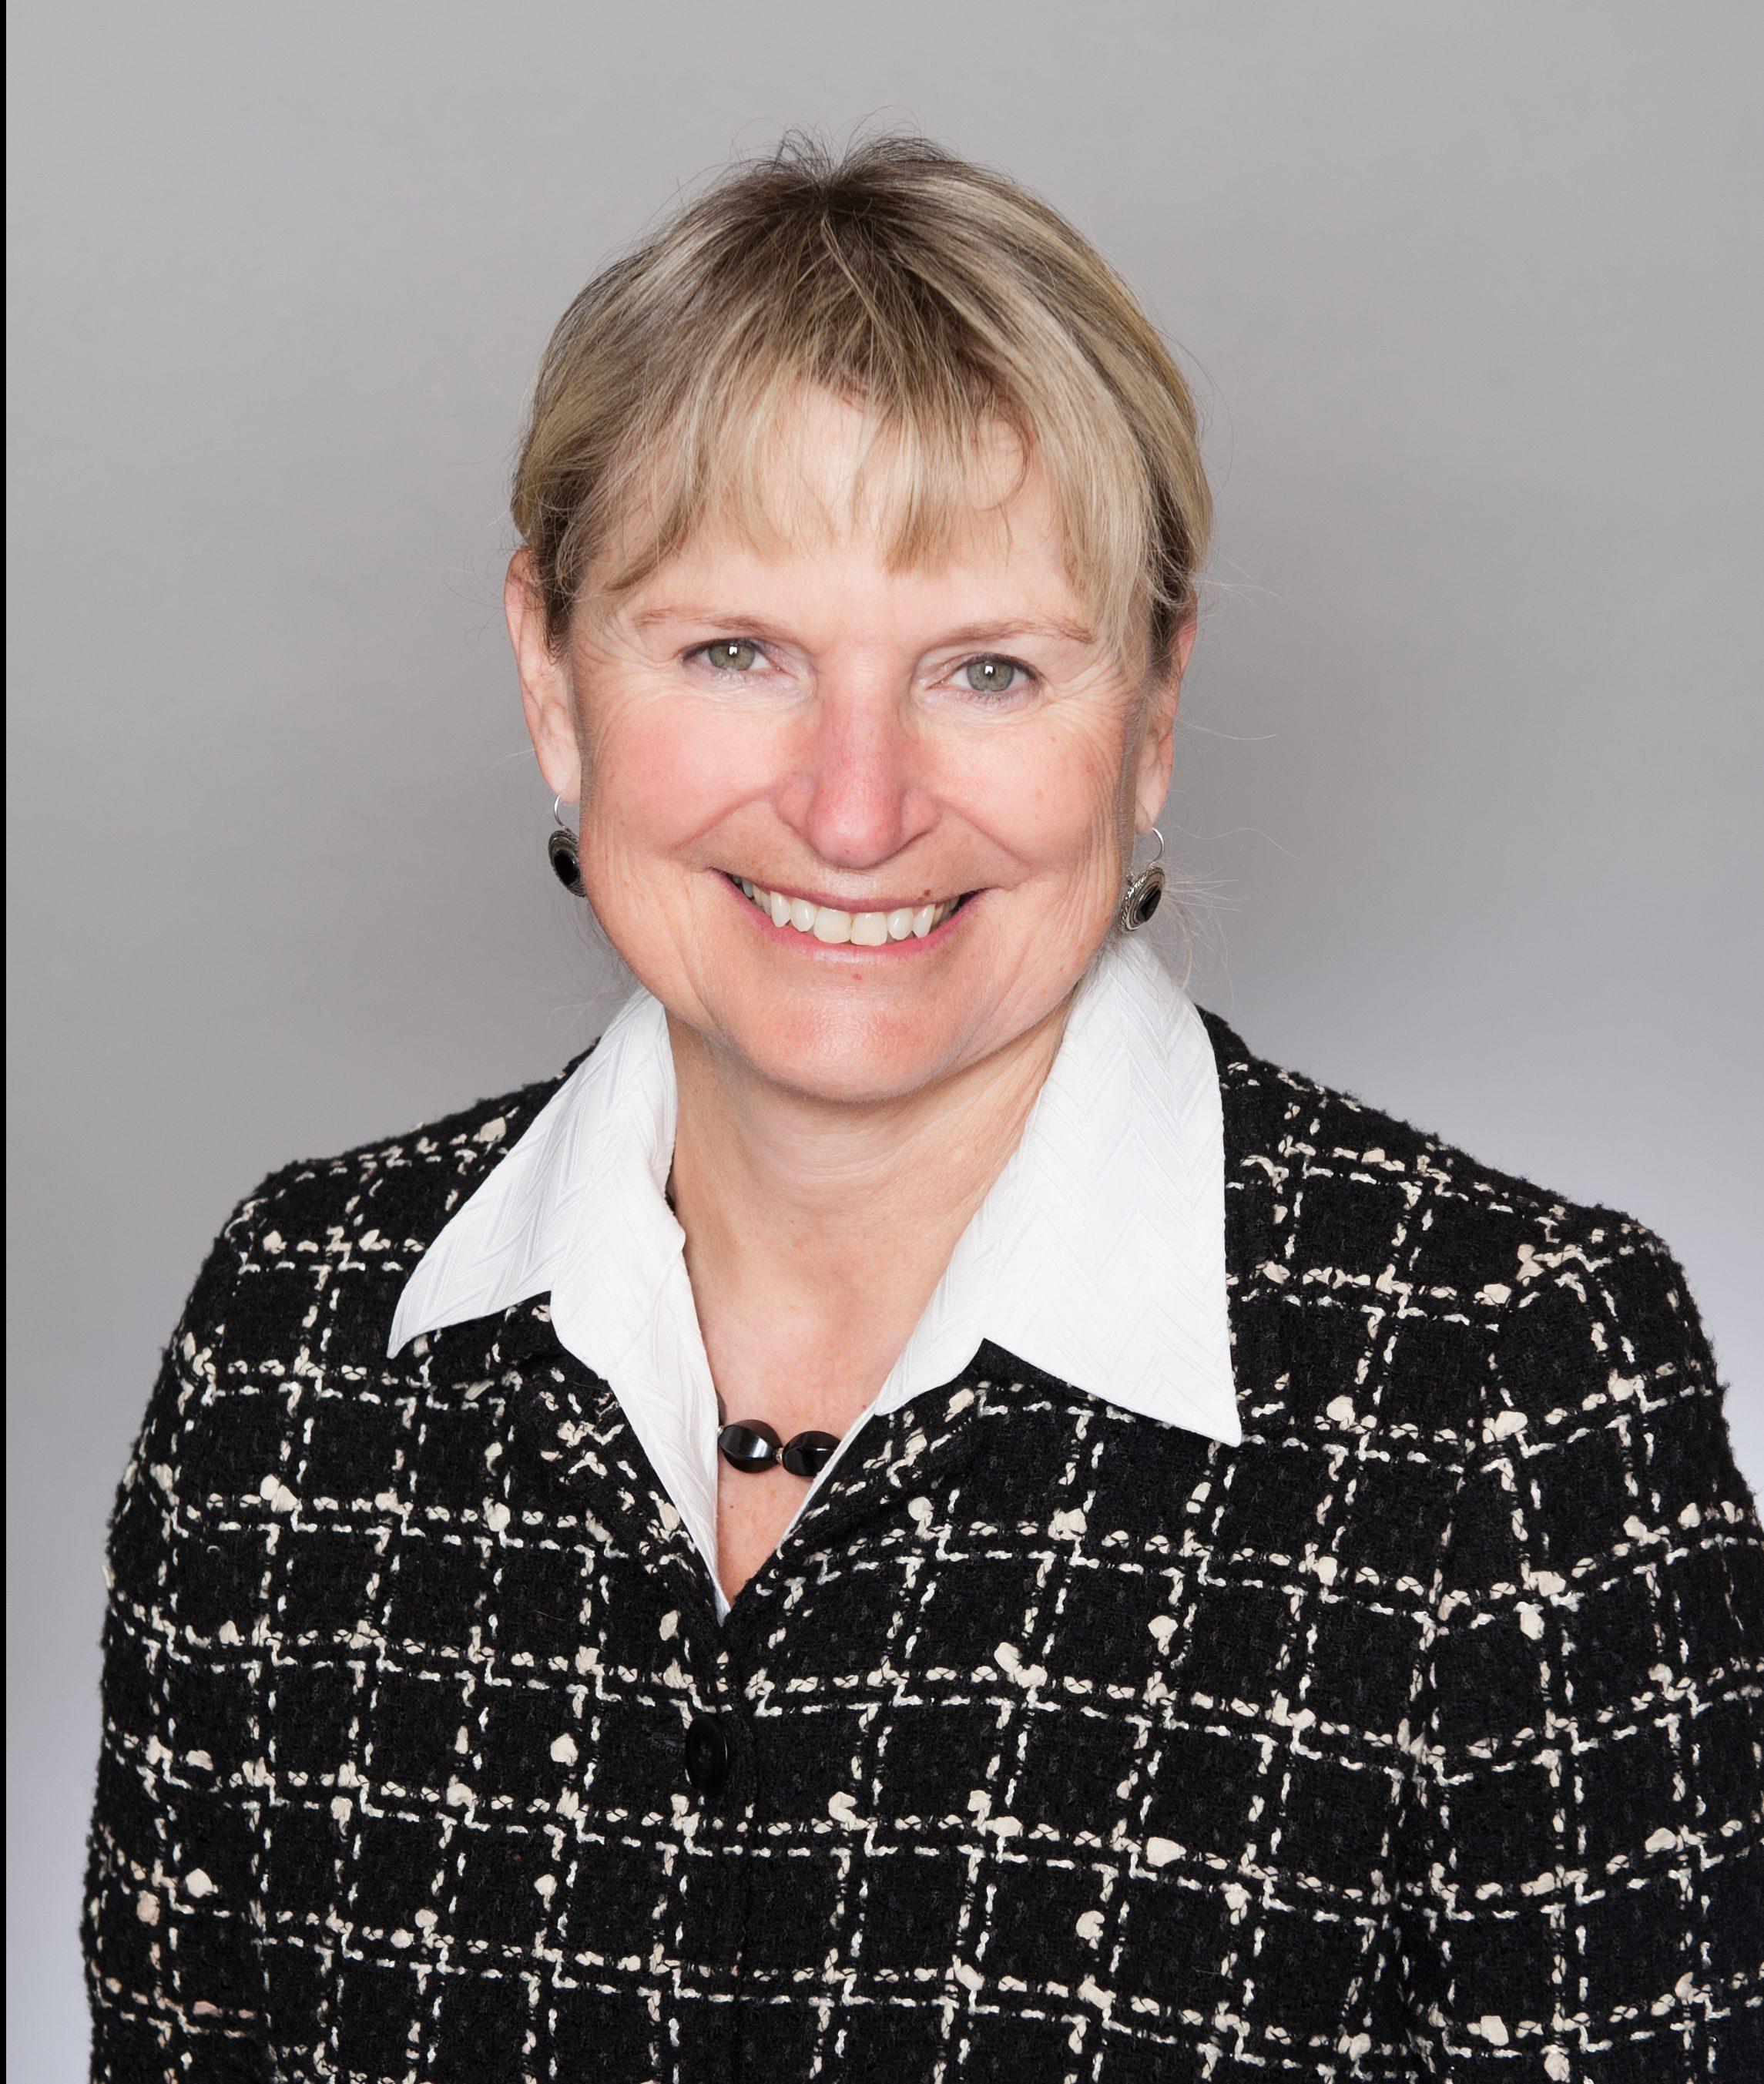 Cindy Zehnder